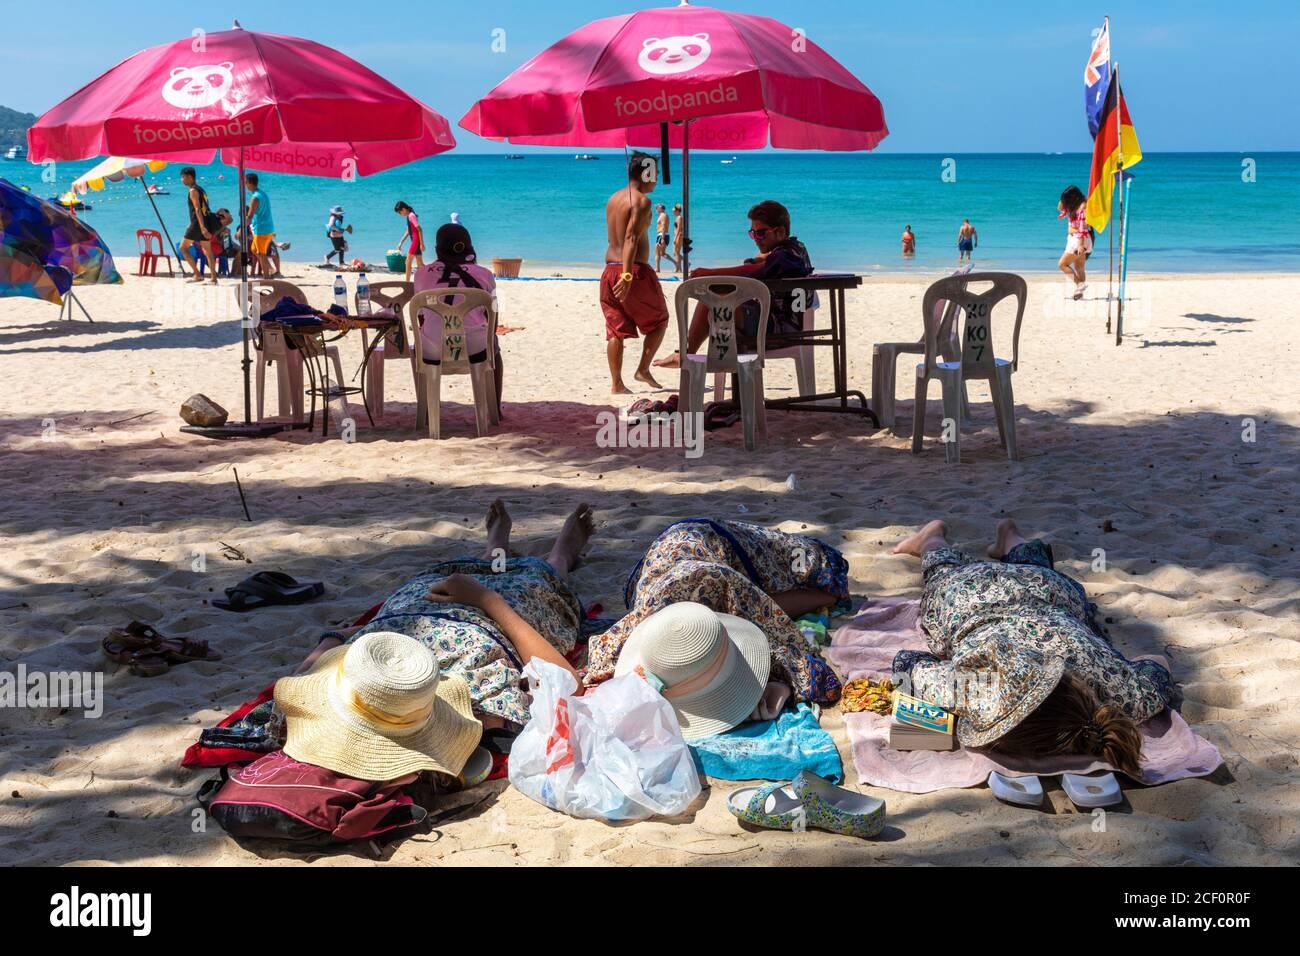 Turisti che dormono sulla spiaggia, Patong, Phuket, Thailandia Foto Stock